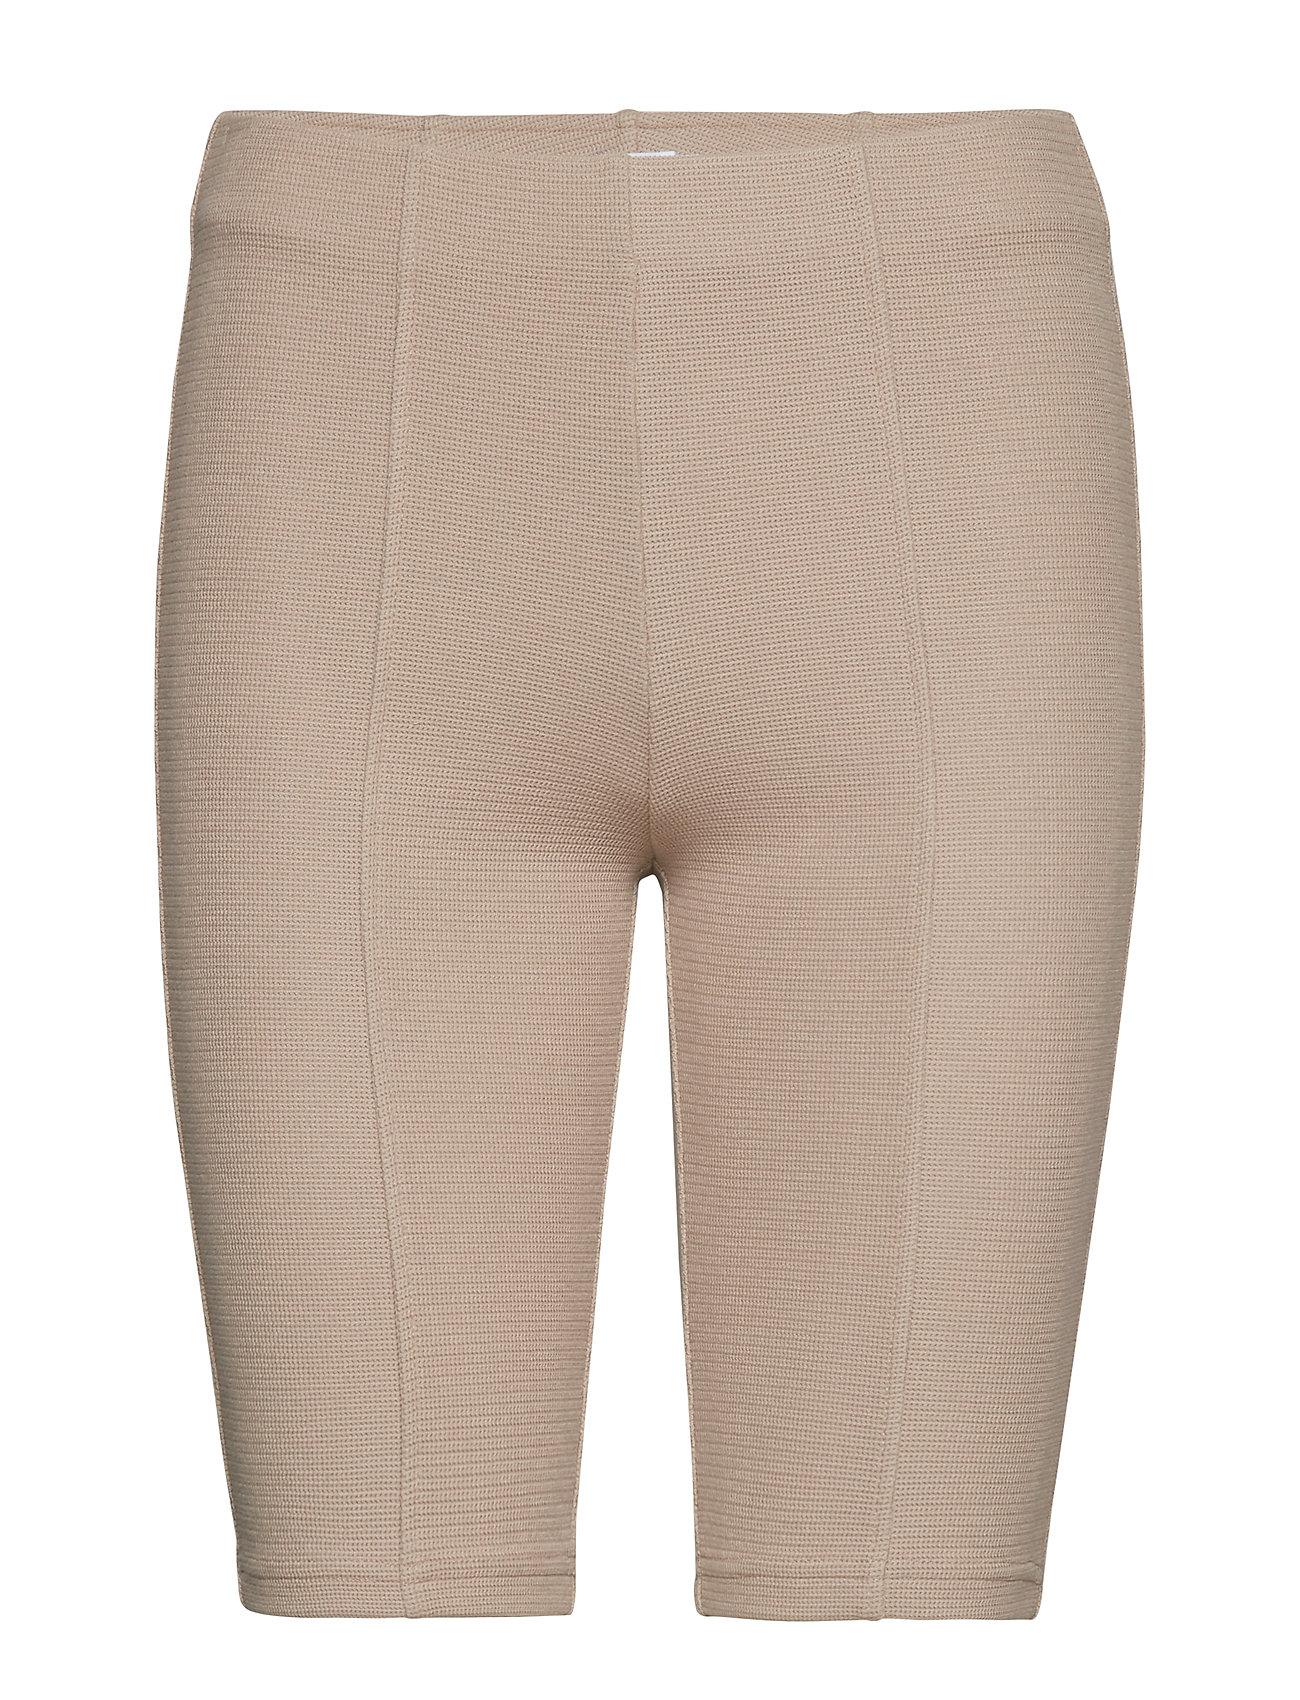 Filippa K Jersey Short - LIGHT TAUP